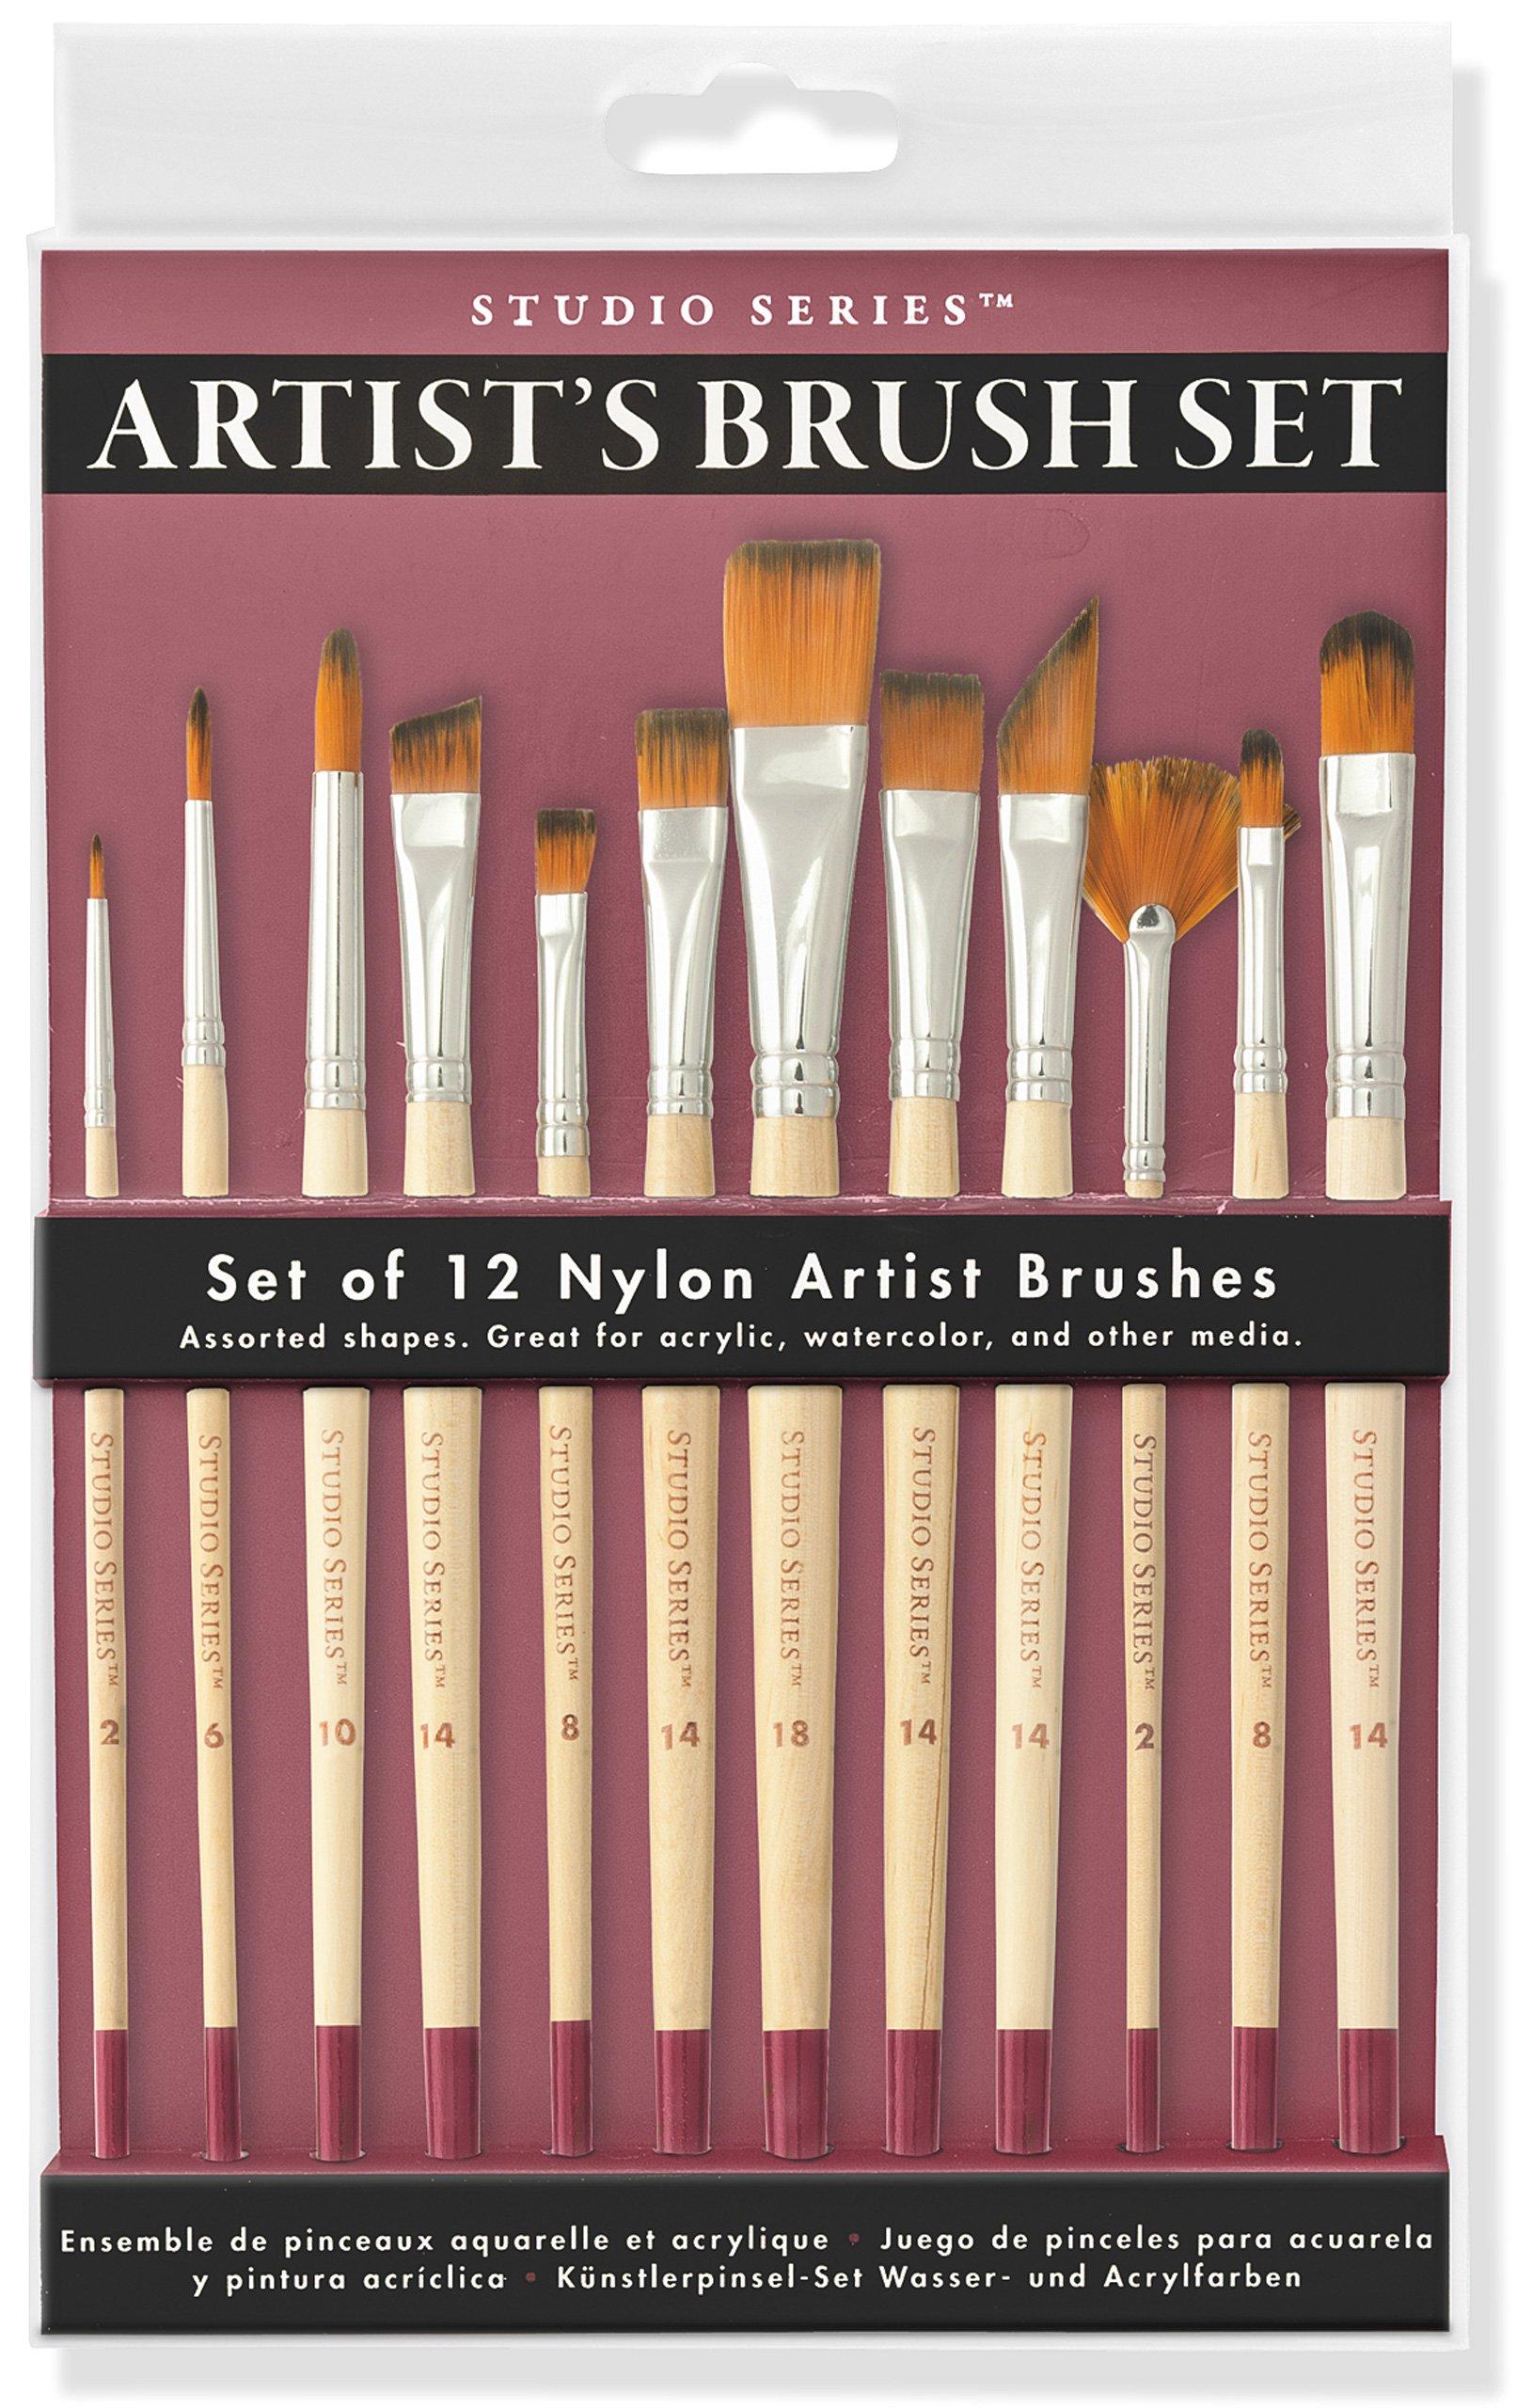 Studio Artists Paintbrush quality brushes product image